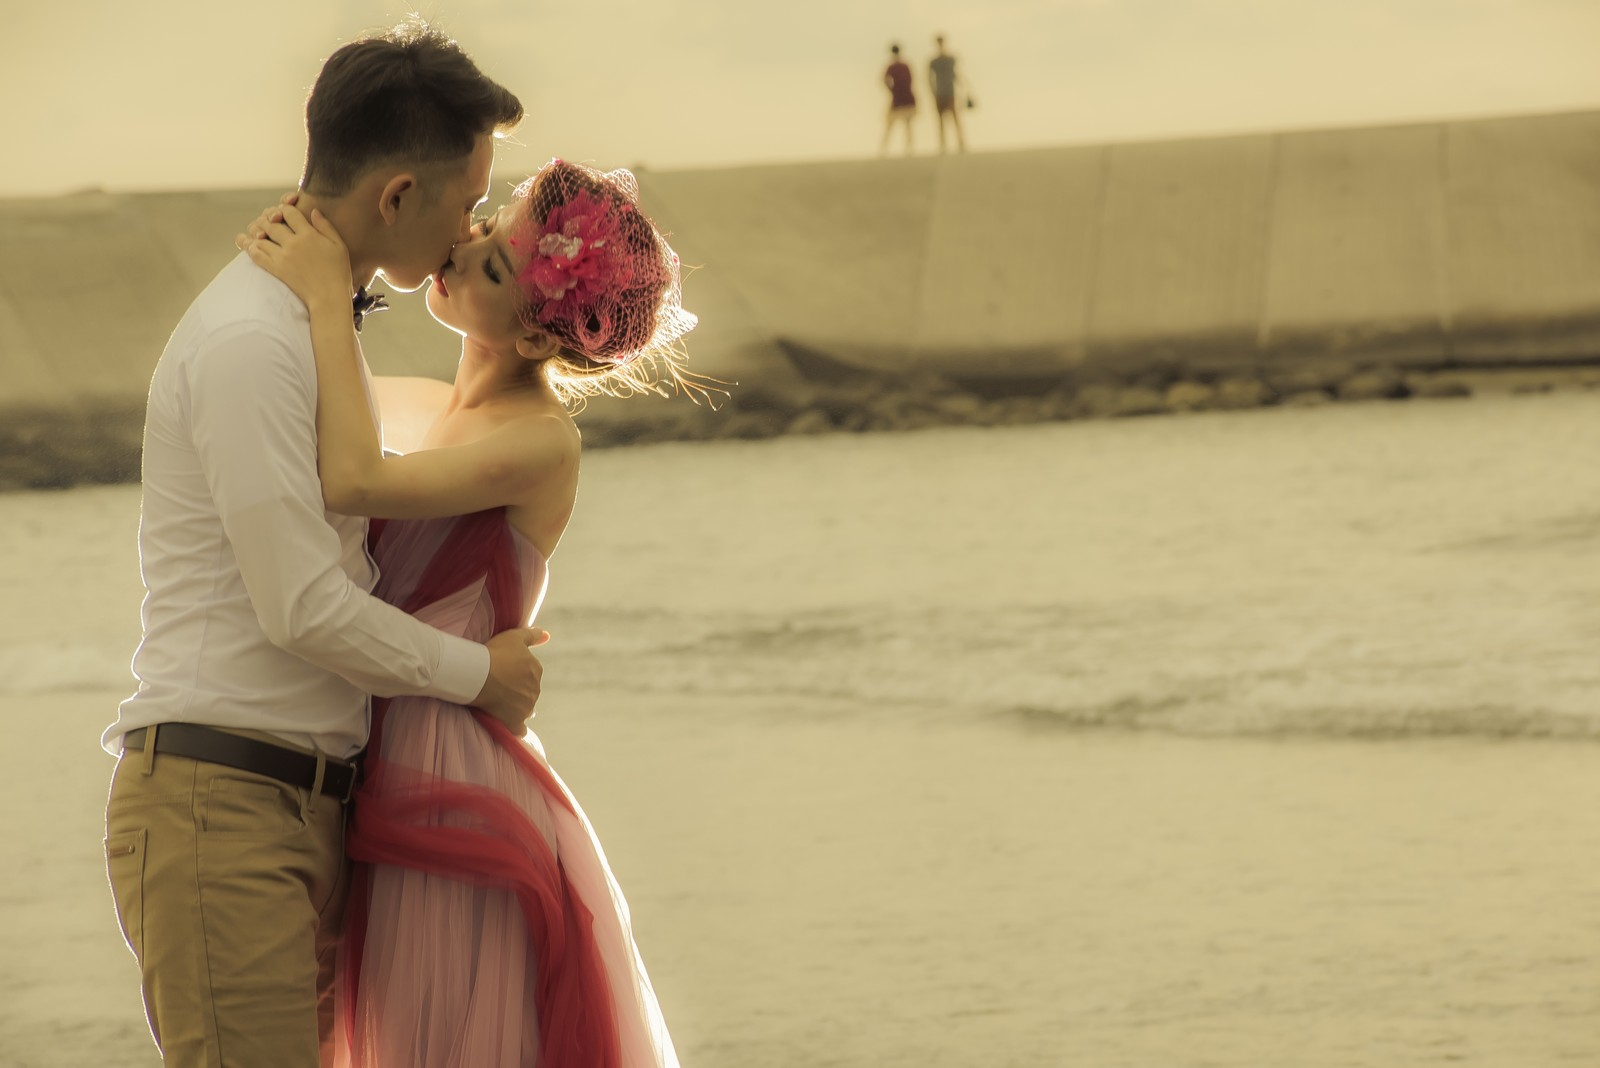 婚紗攝影,情侶照,婚紗照風格,情侶寫真